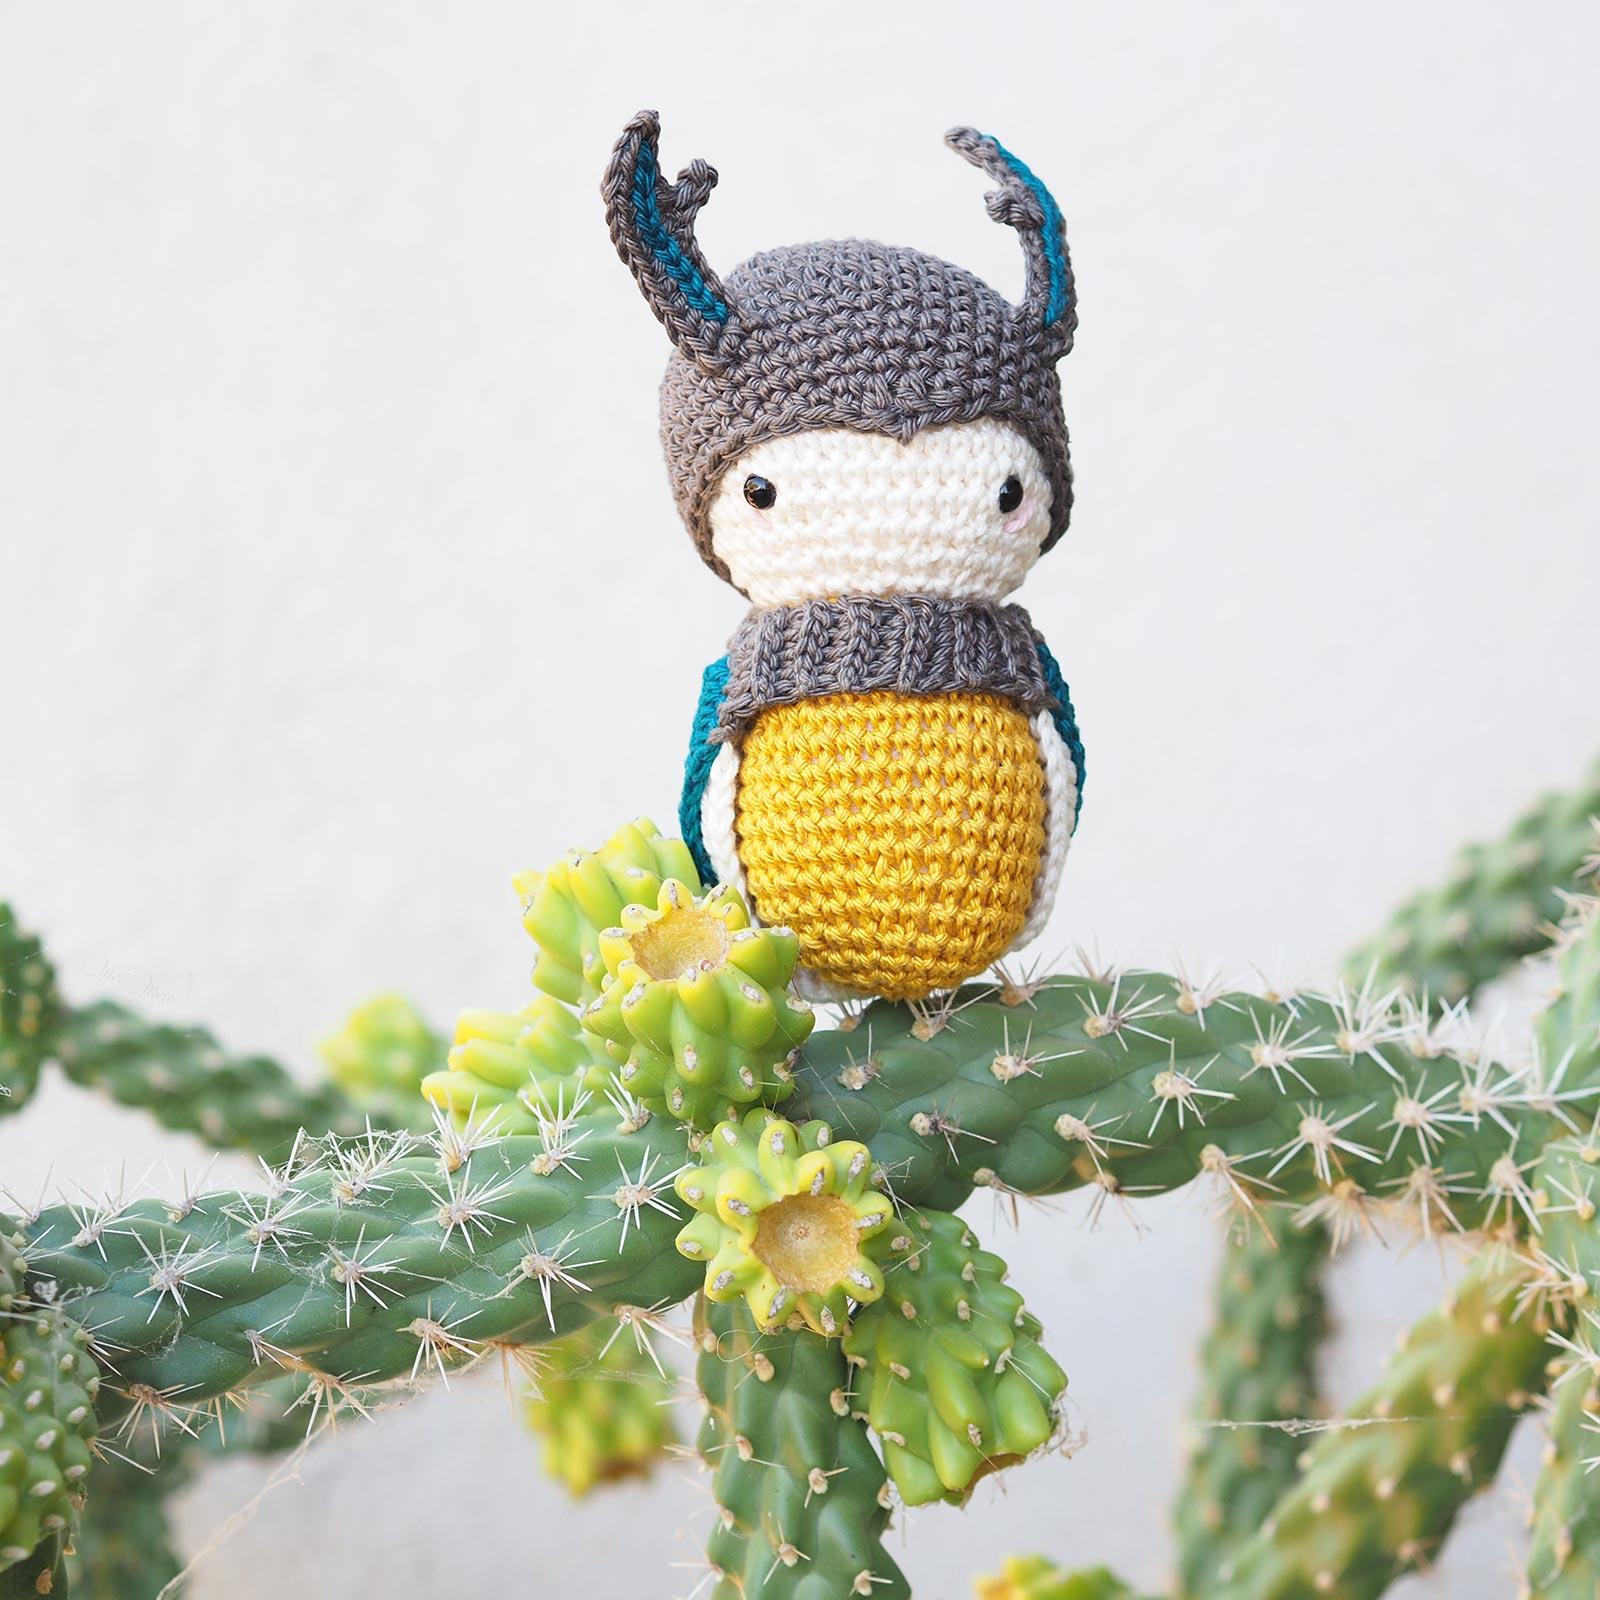 amigurumi crochet scarabée beetle Laylala cactus fleurs cylindropuntia imbricata laboutiquedemelimelo